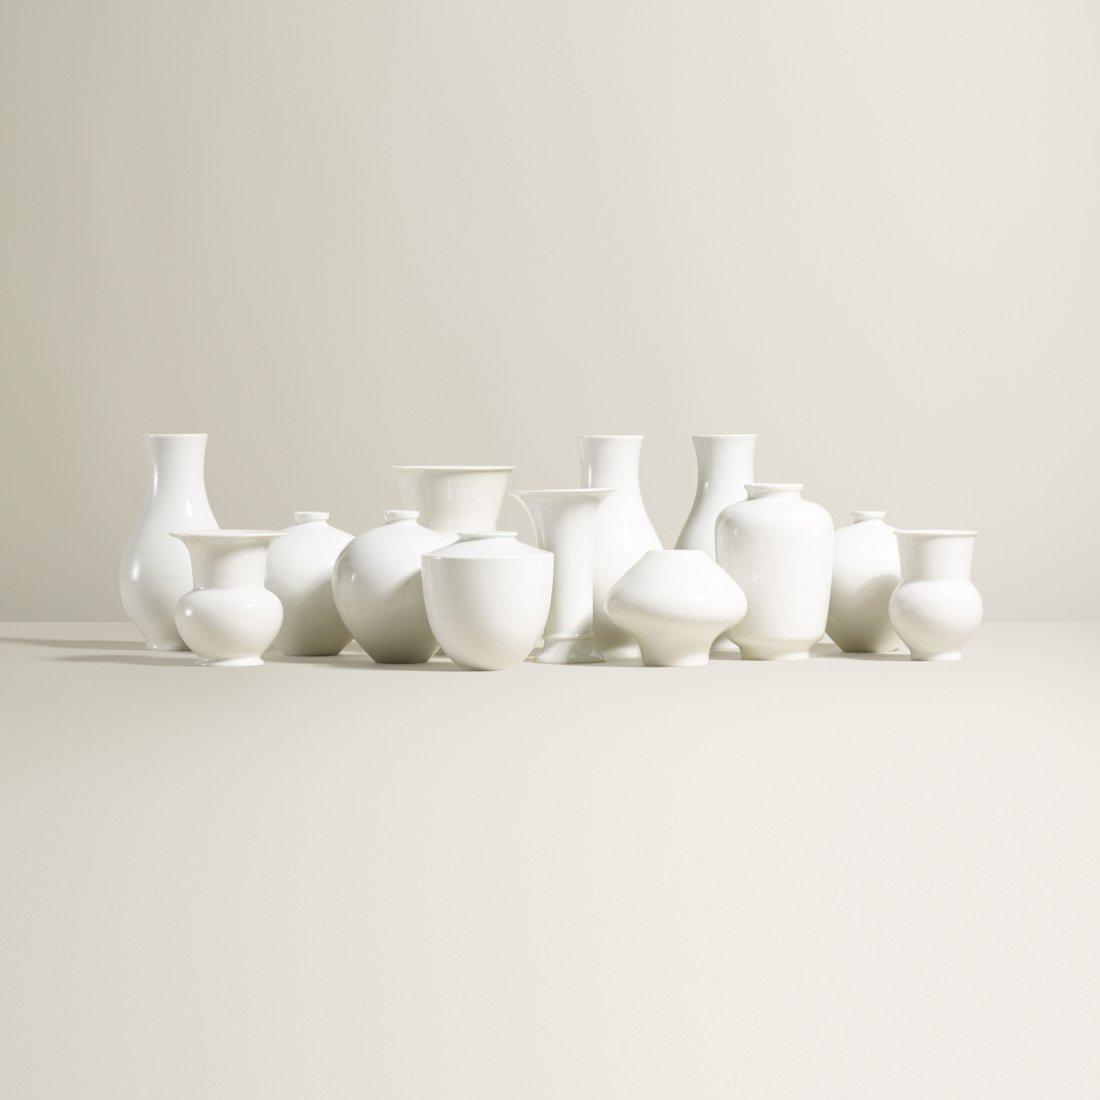 Königliche Porzellan-Manufaktur collection of vases